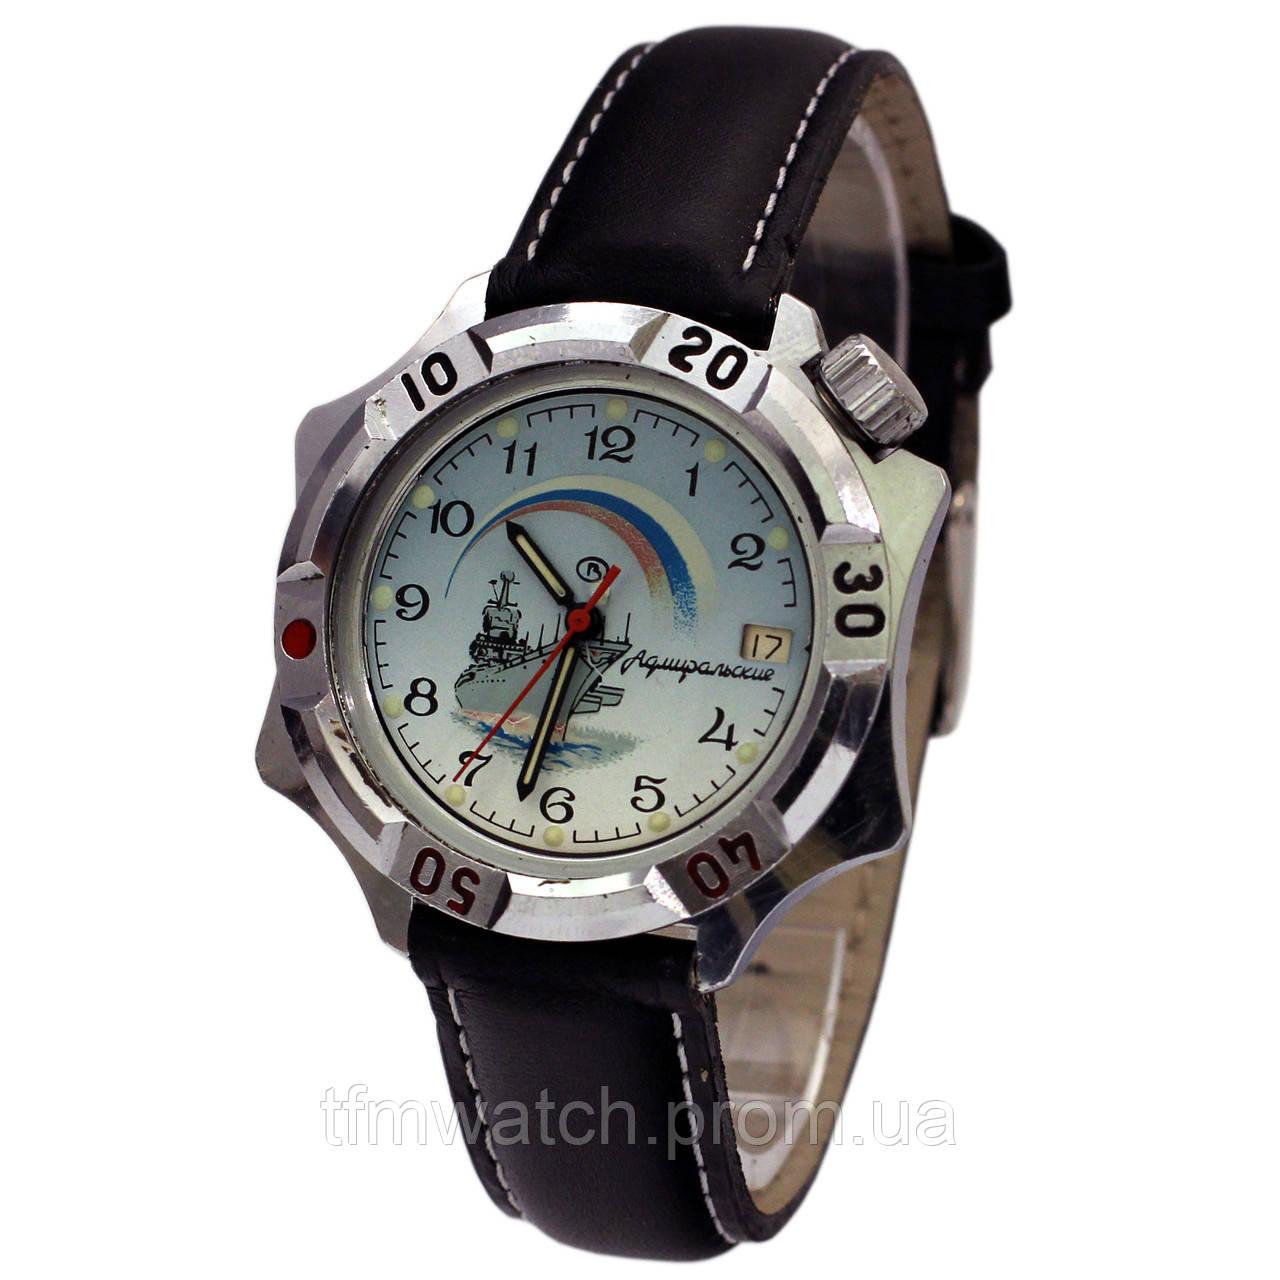 Адмиральские стоимость часы орел ломбард часов